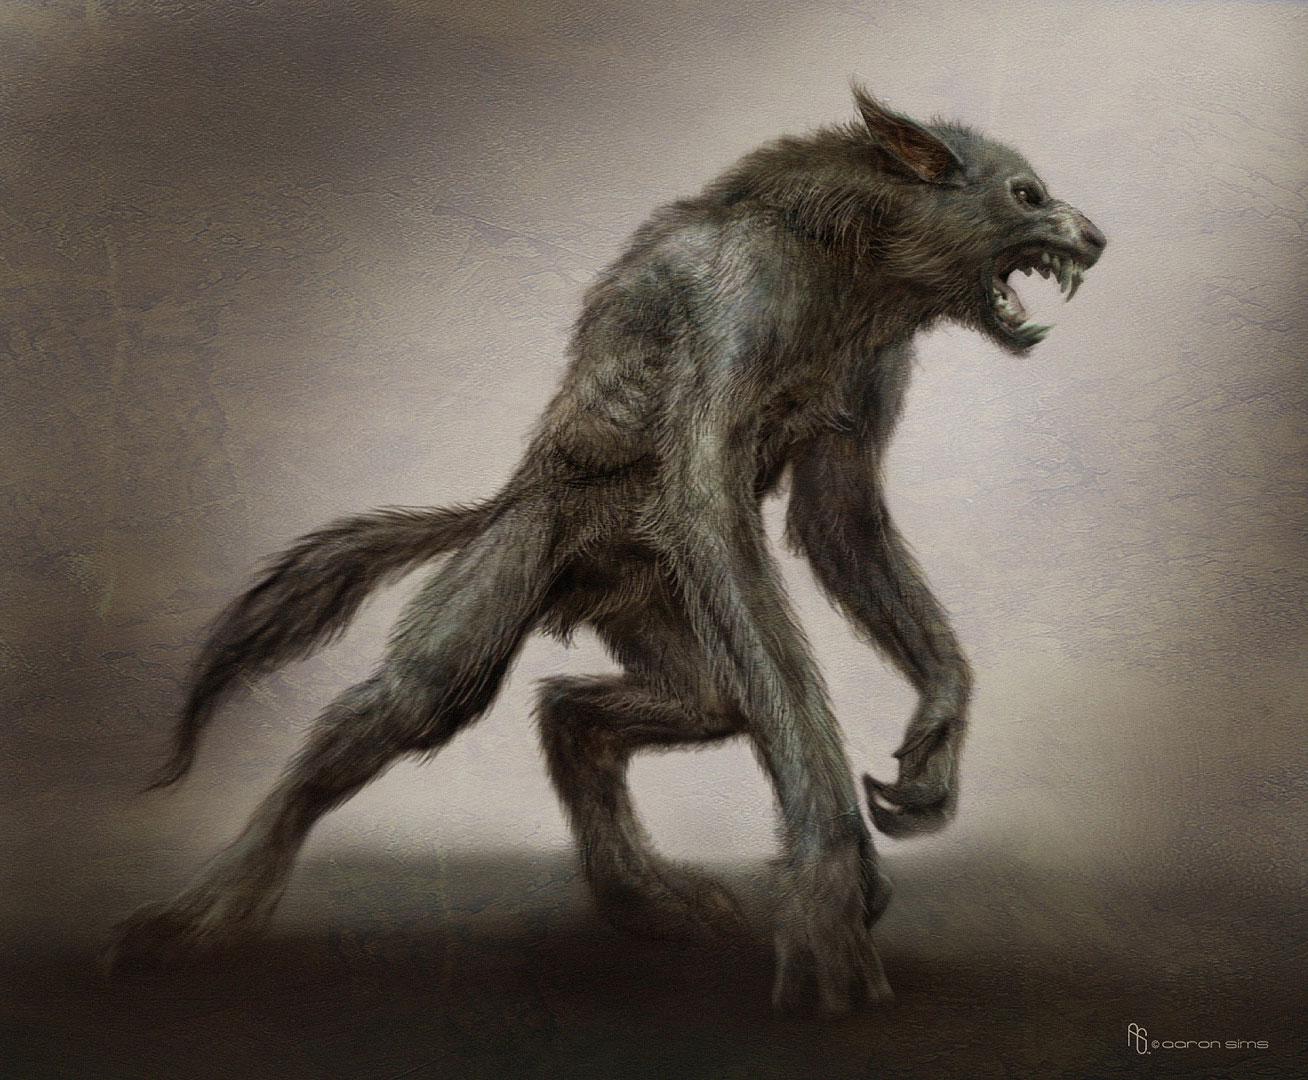 Drawn werewolf all fours